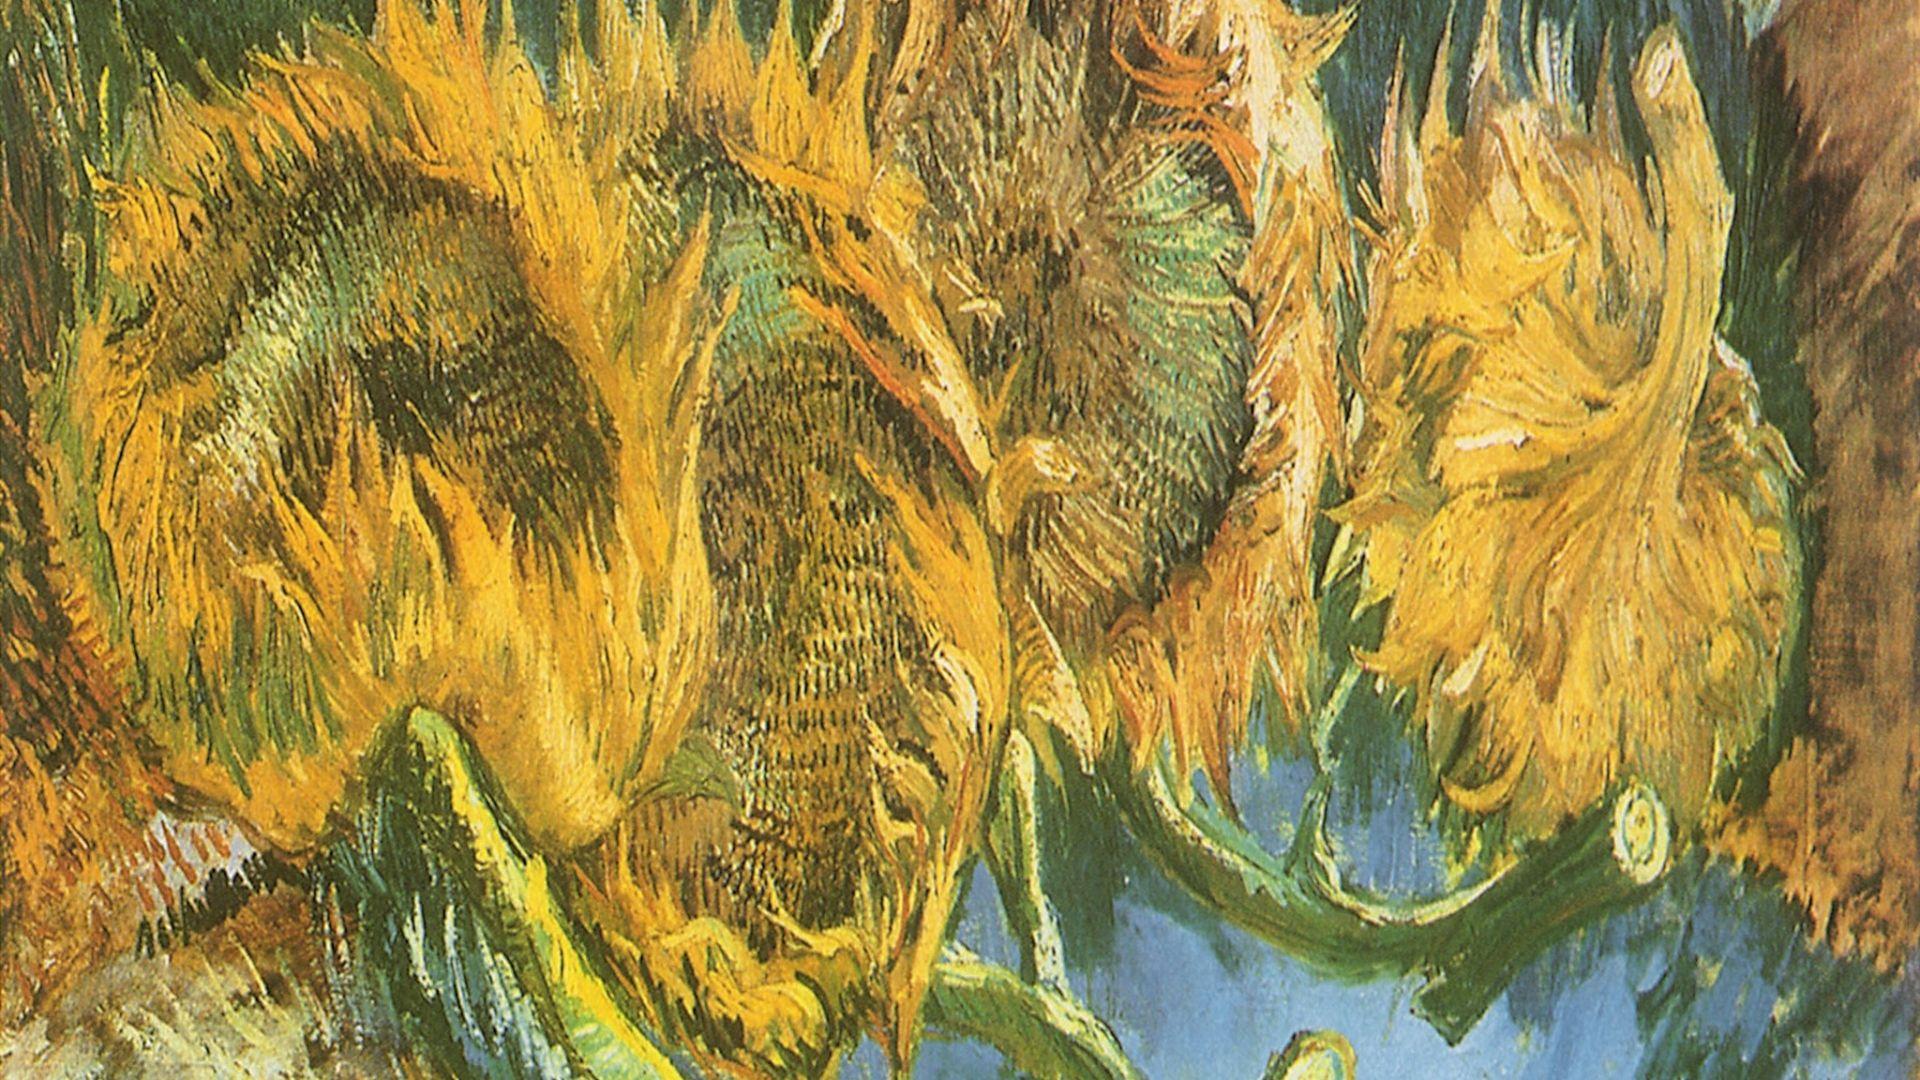 Free Van Gogh Wallpaper For Desktop